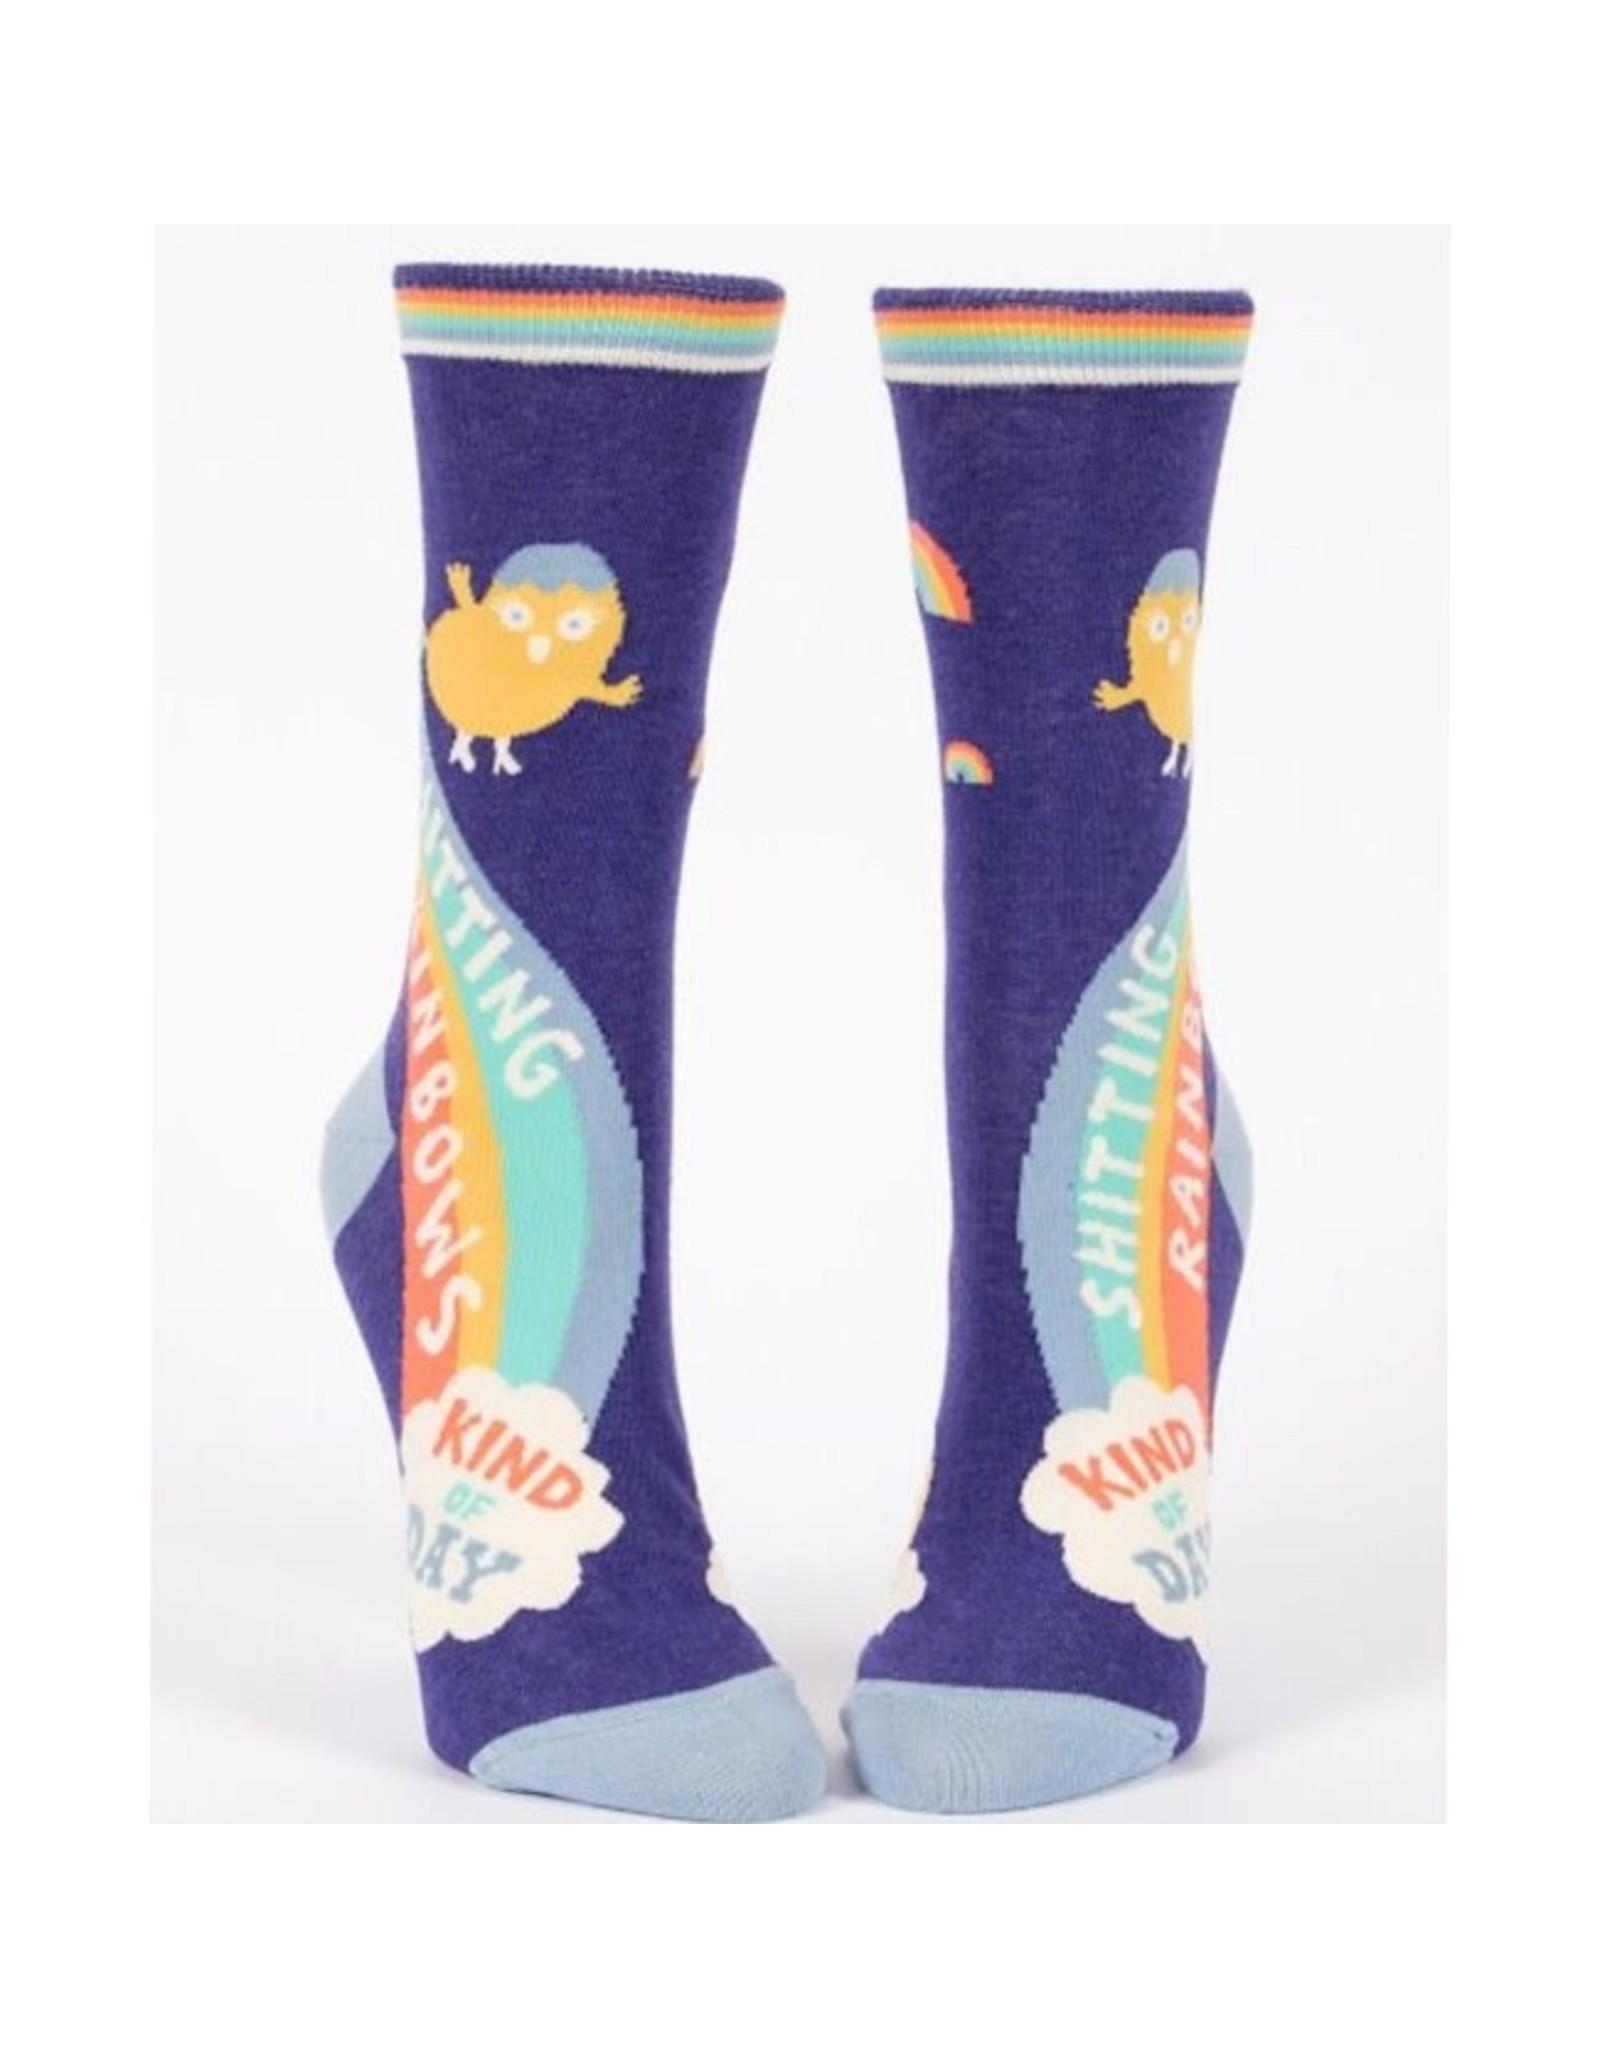 Socks (Womens) - Shitting Rainbows